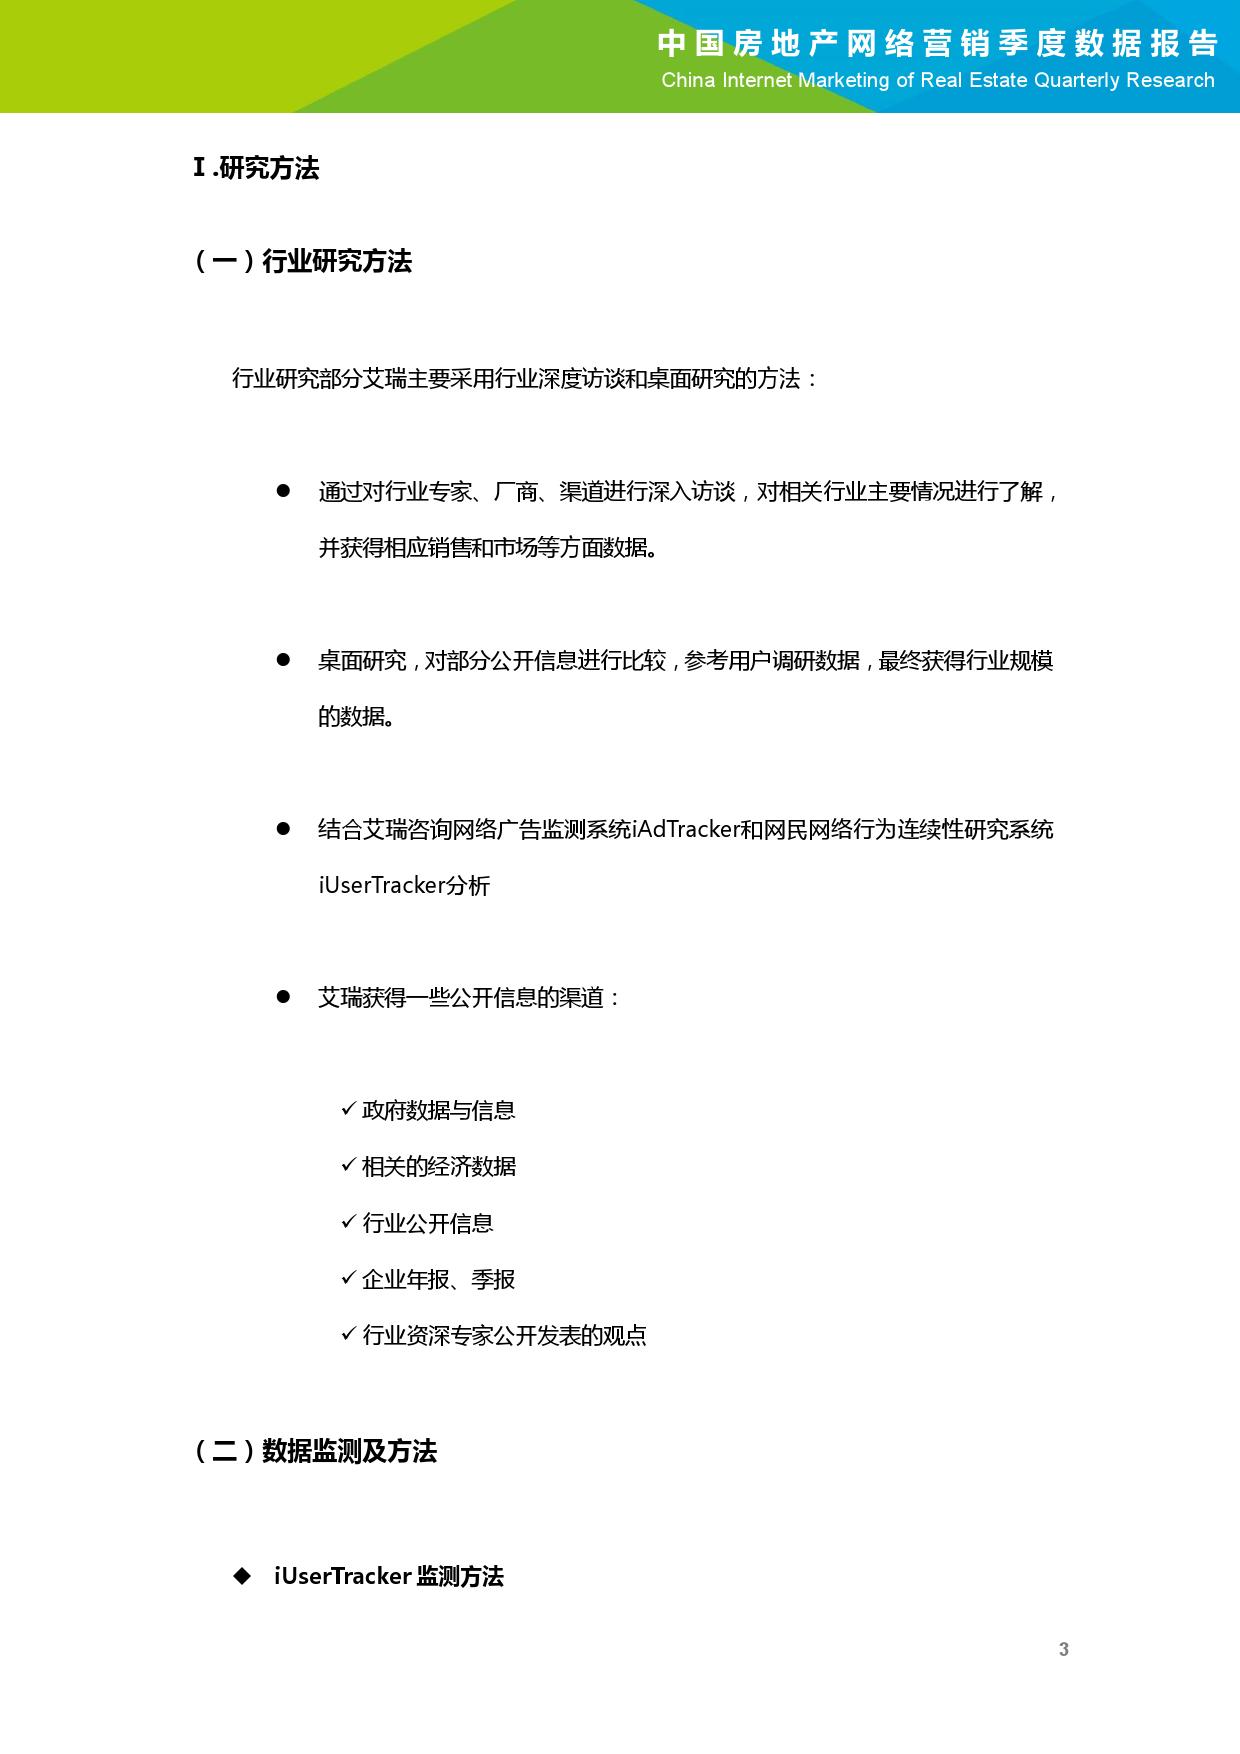 2016年Q1中国房地产网络营销季度数据报告_000004